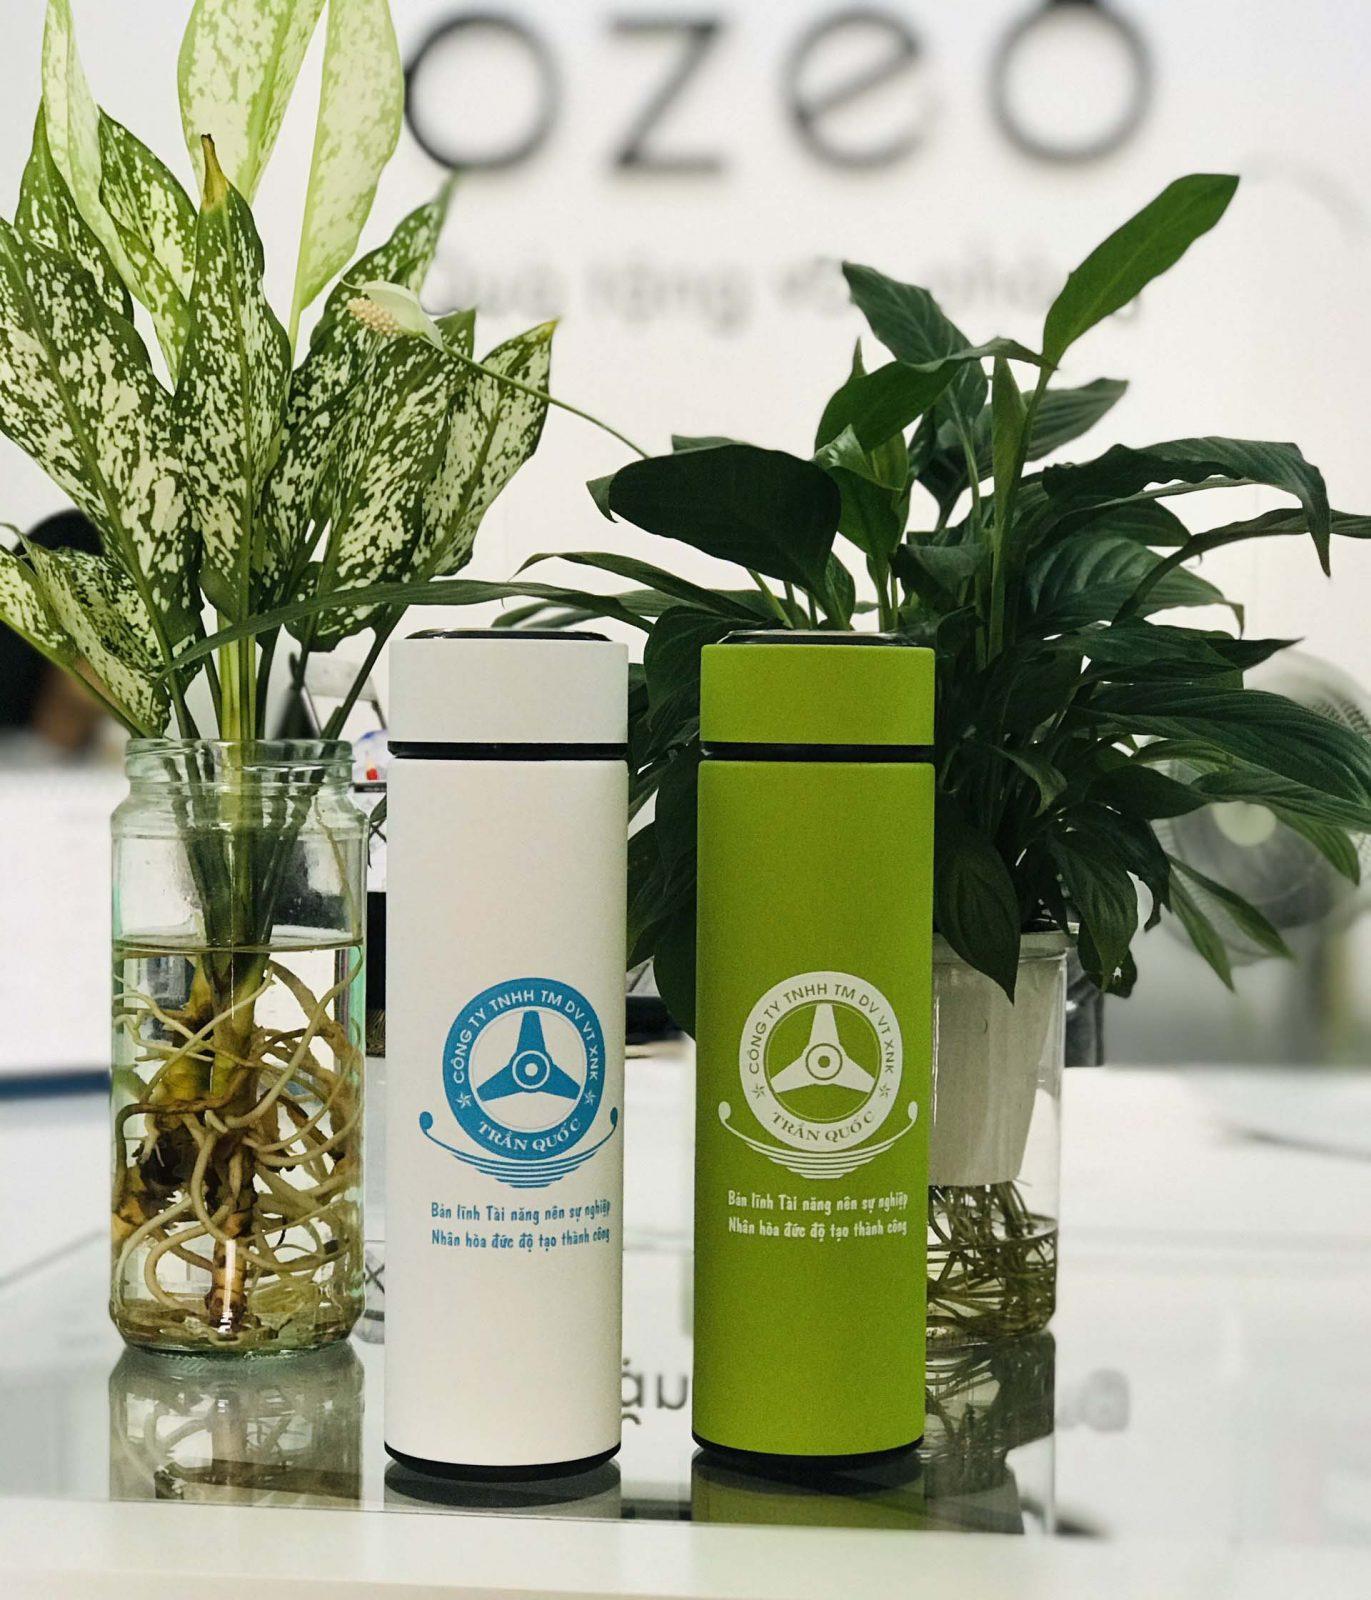 Bình giữ nhiệt inox in logo doanh nghiệp làm quà tặng tri ân khách hàng, đối tác